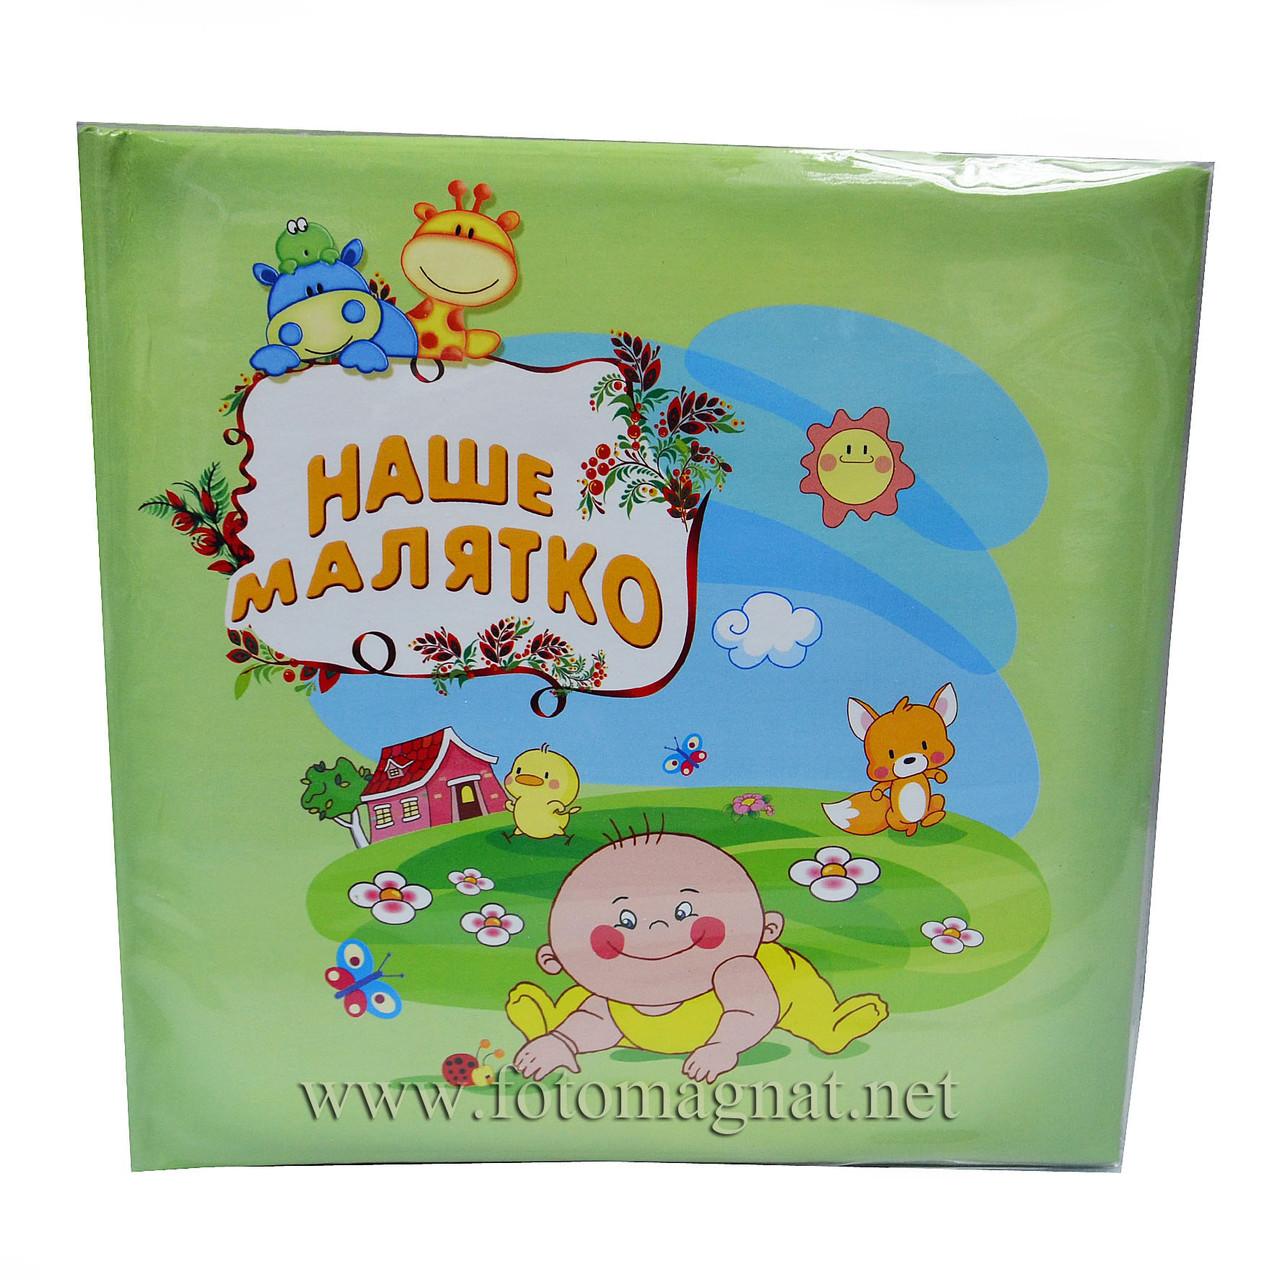 Фотоальбом Наше Малятко(дитячий альбом) 56/10х15 див. анкета українською мовою